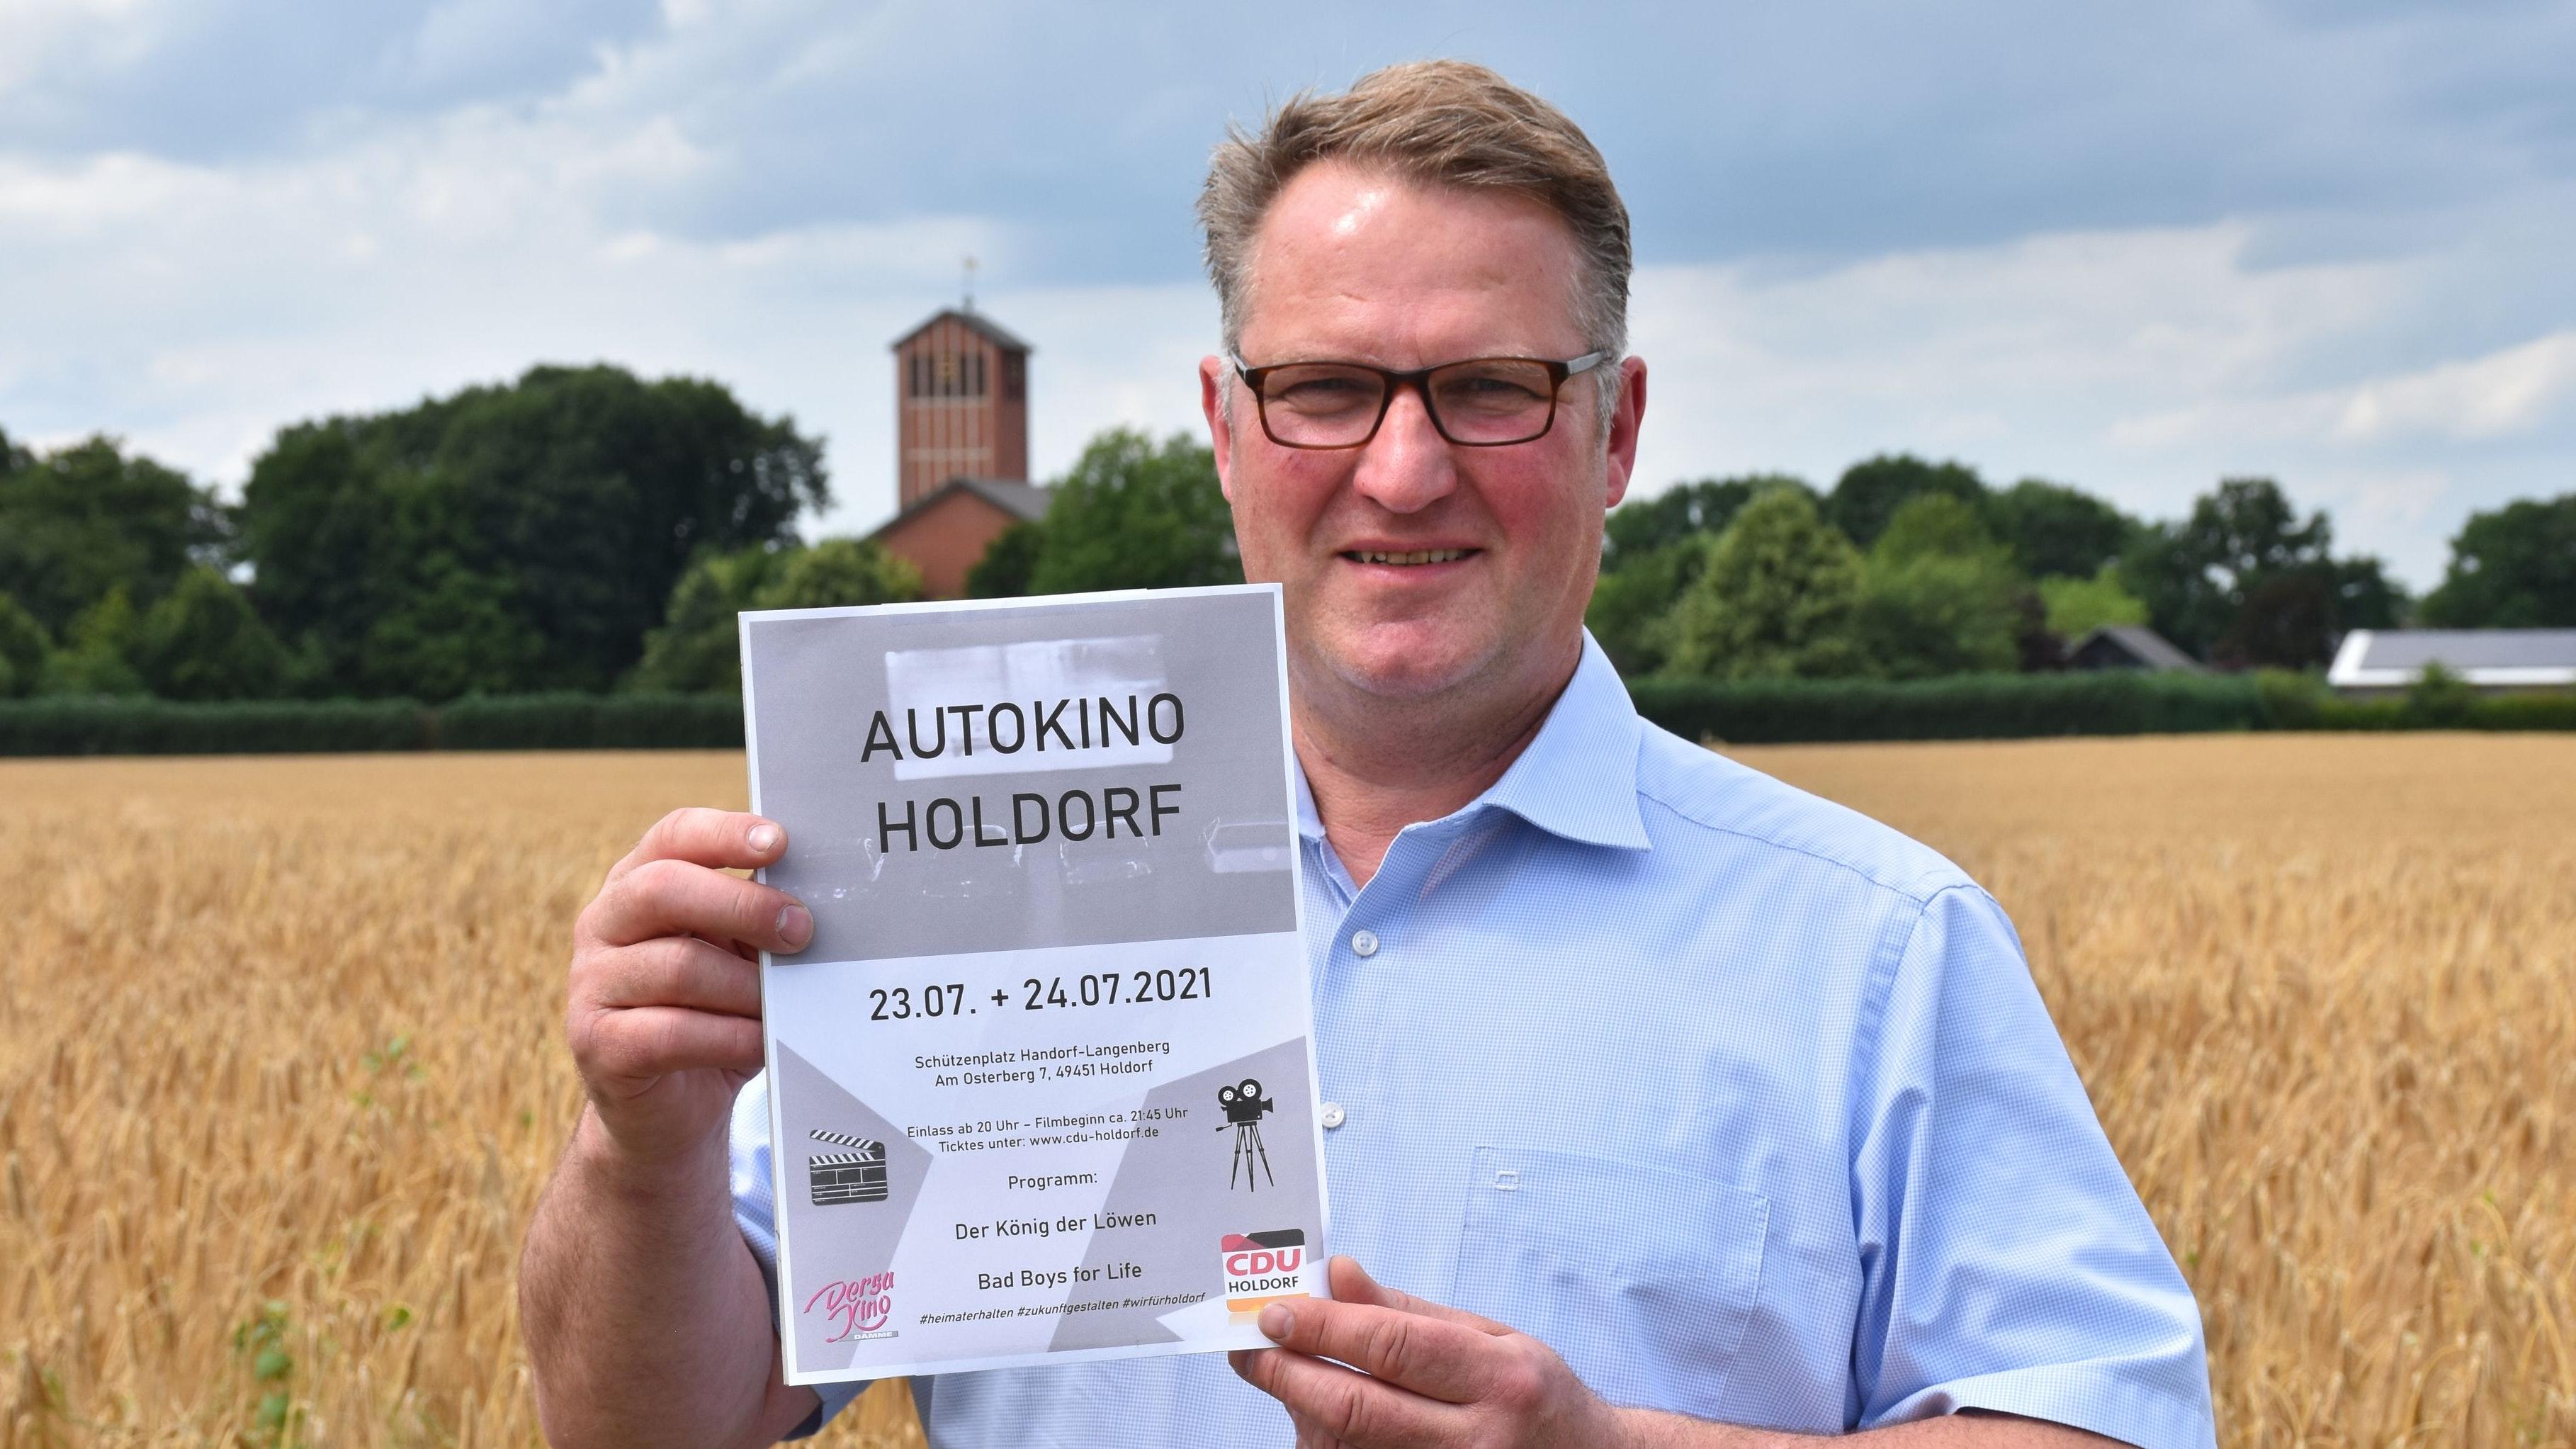 Freut sich auf das Event: Markus Meyer organisiert die Veranstaltung mit Dirk Schwertmann. Die Autos haben auf der Ackerfläche zwischen Schützenplatz und Kirche Platz. Foto: Böckmann